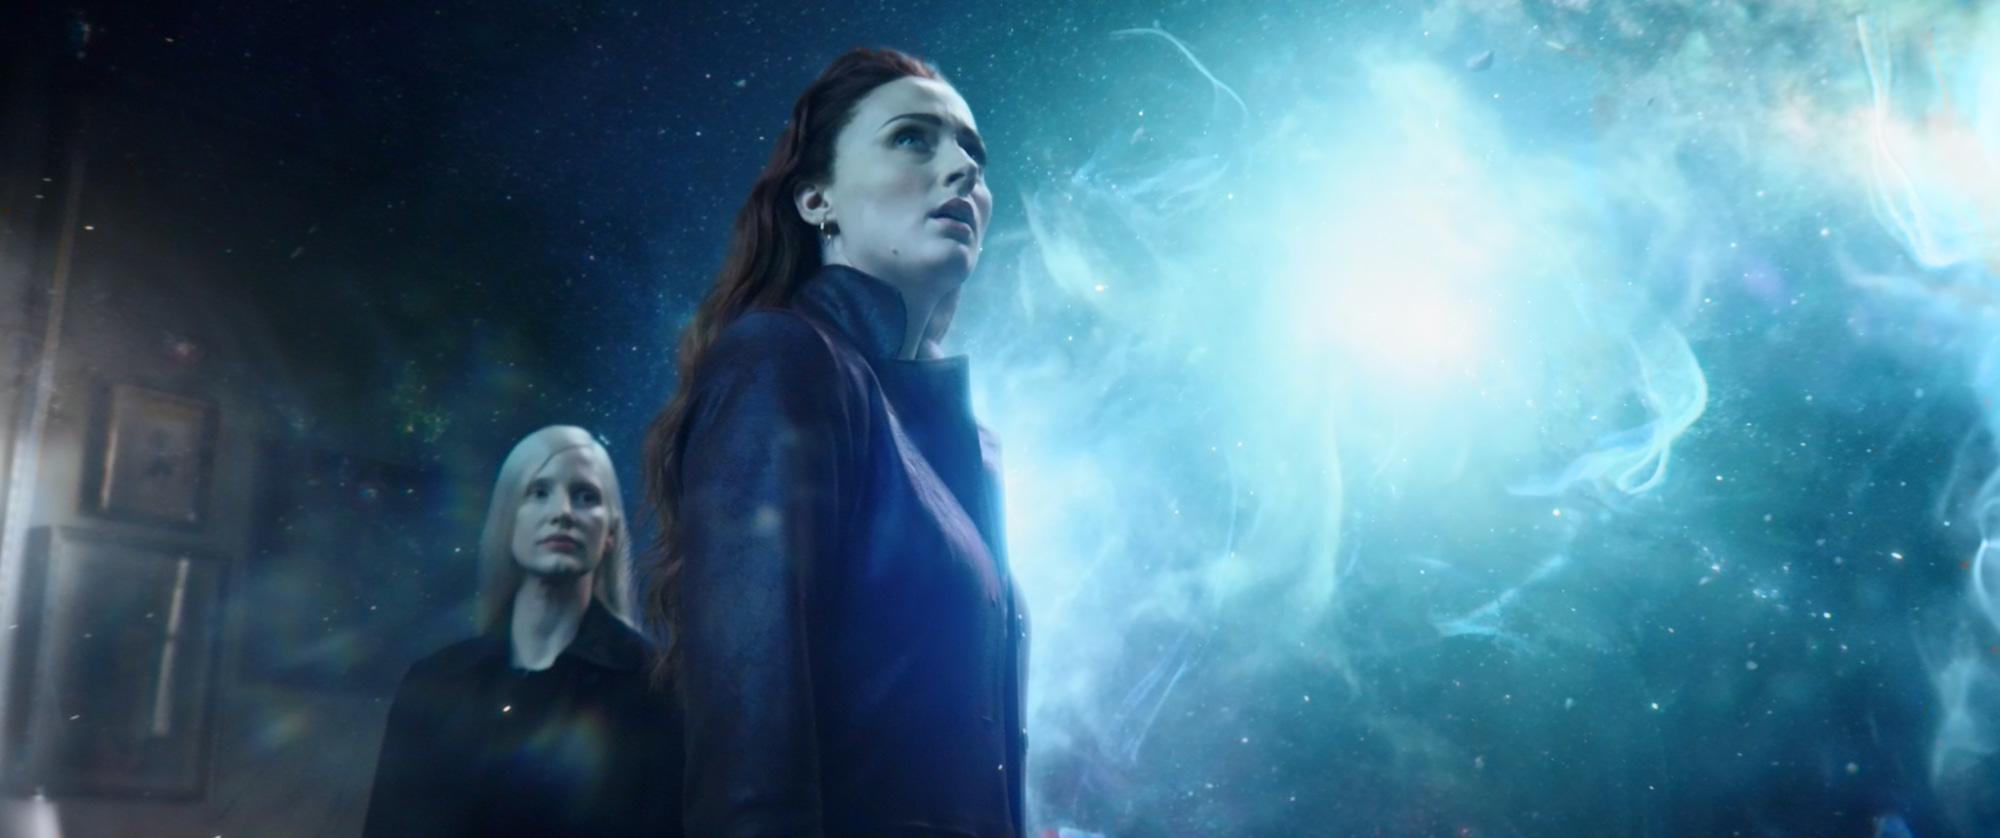 X-Men: Dark Phoenix ha inaugurato la prima sala IMAX di Roma thumbnail